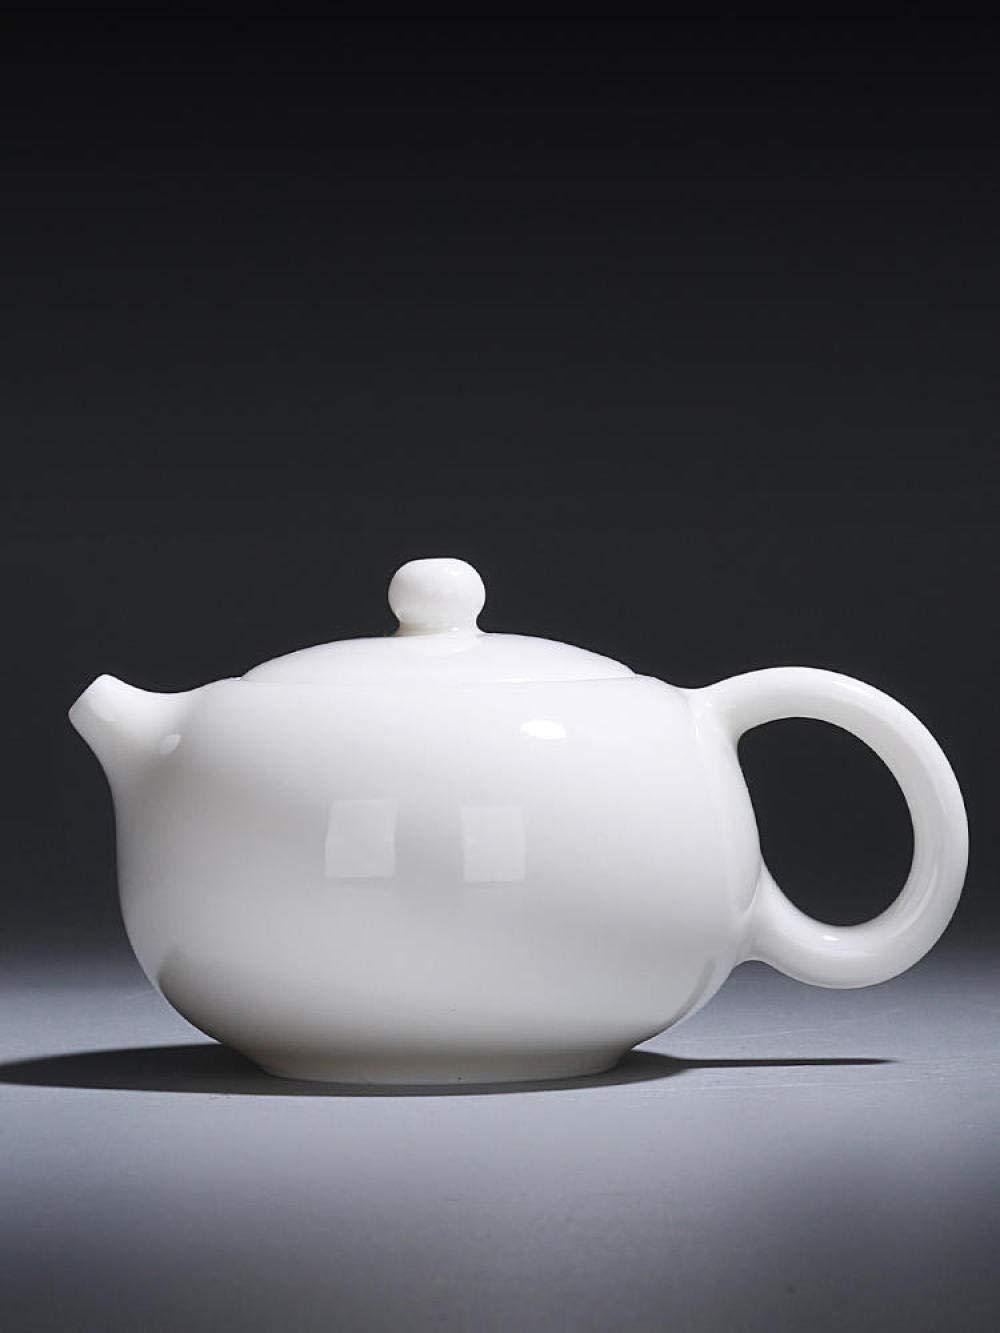 POTOLL Teiera con Filtro Teiera di Porcellana Bianca teiera in Ceramica Piccola teiera XI Shi Pot Prezzi